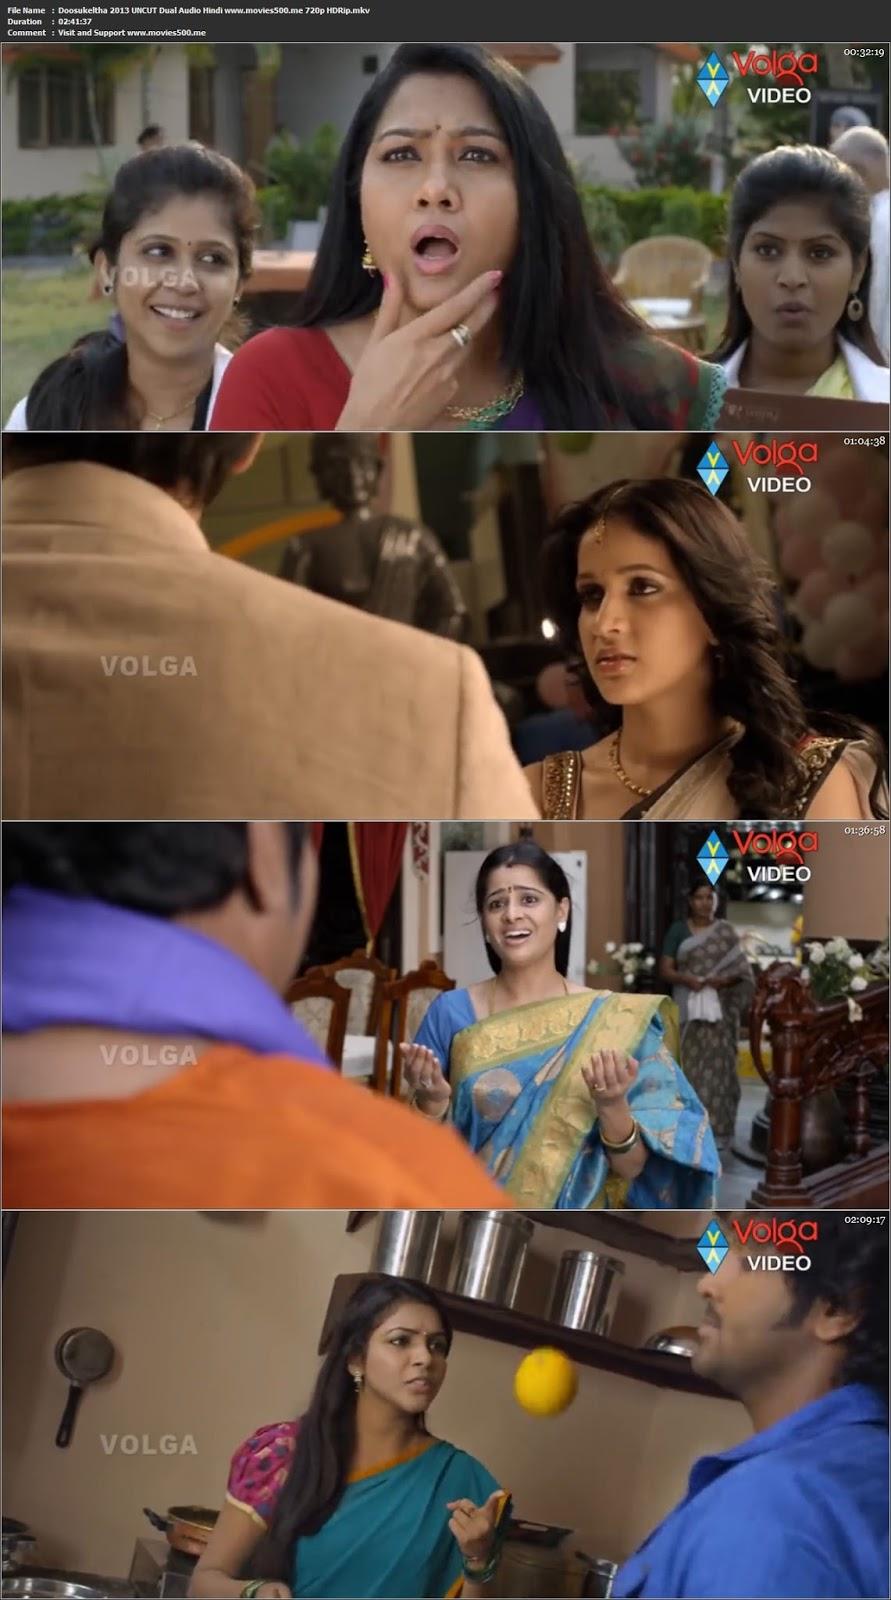 Doosukeltha 2013 UNCUT Dual Audio Hindi HDRip 720p at movies500.xyz